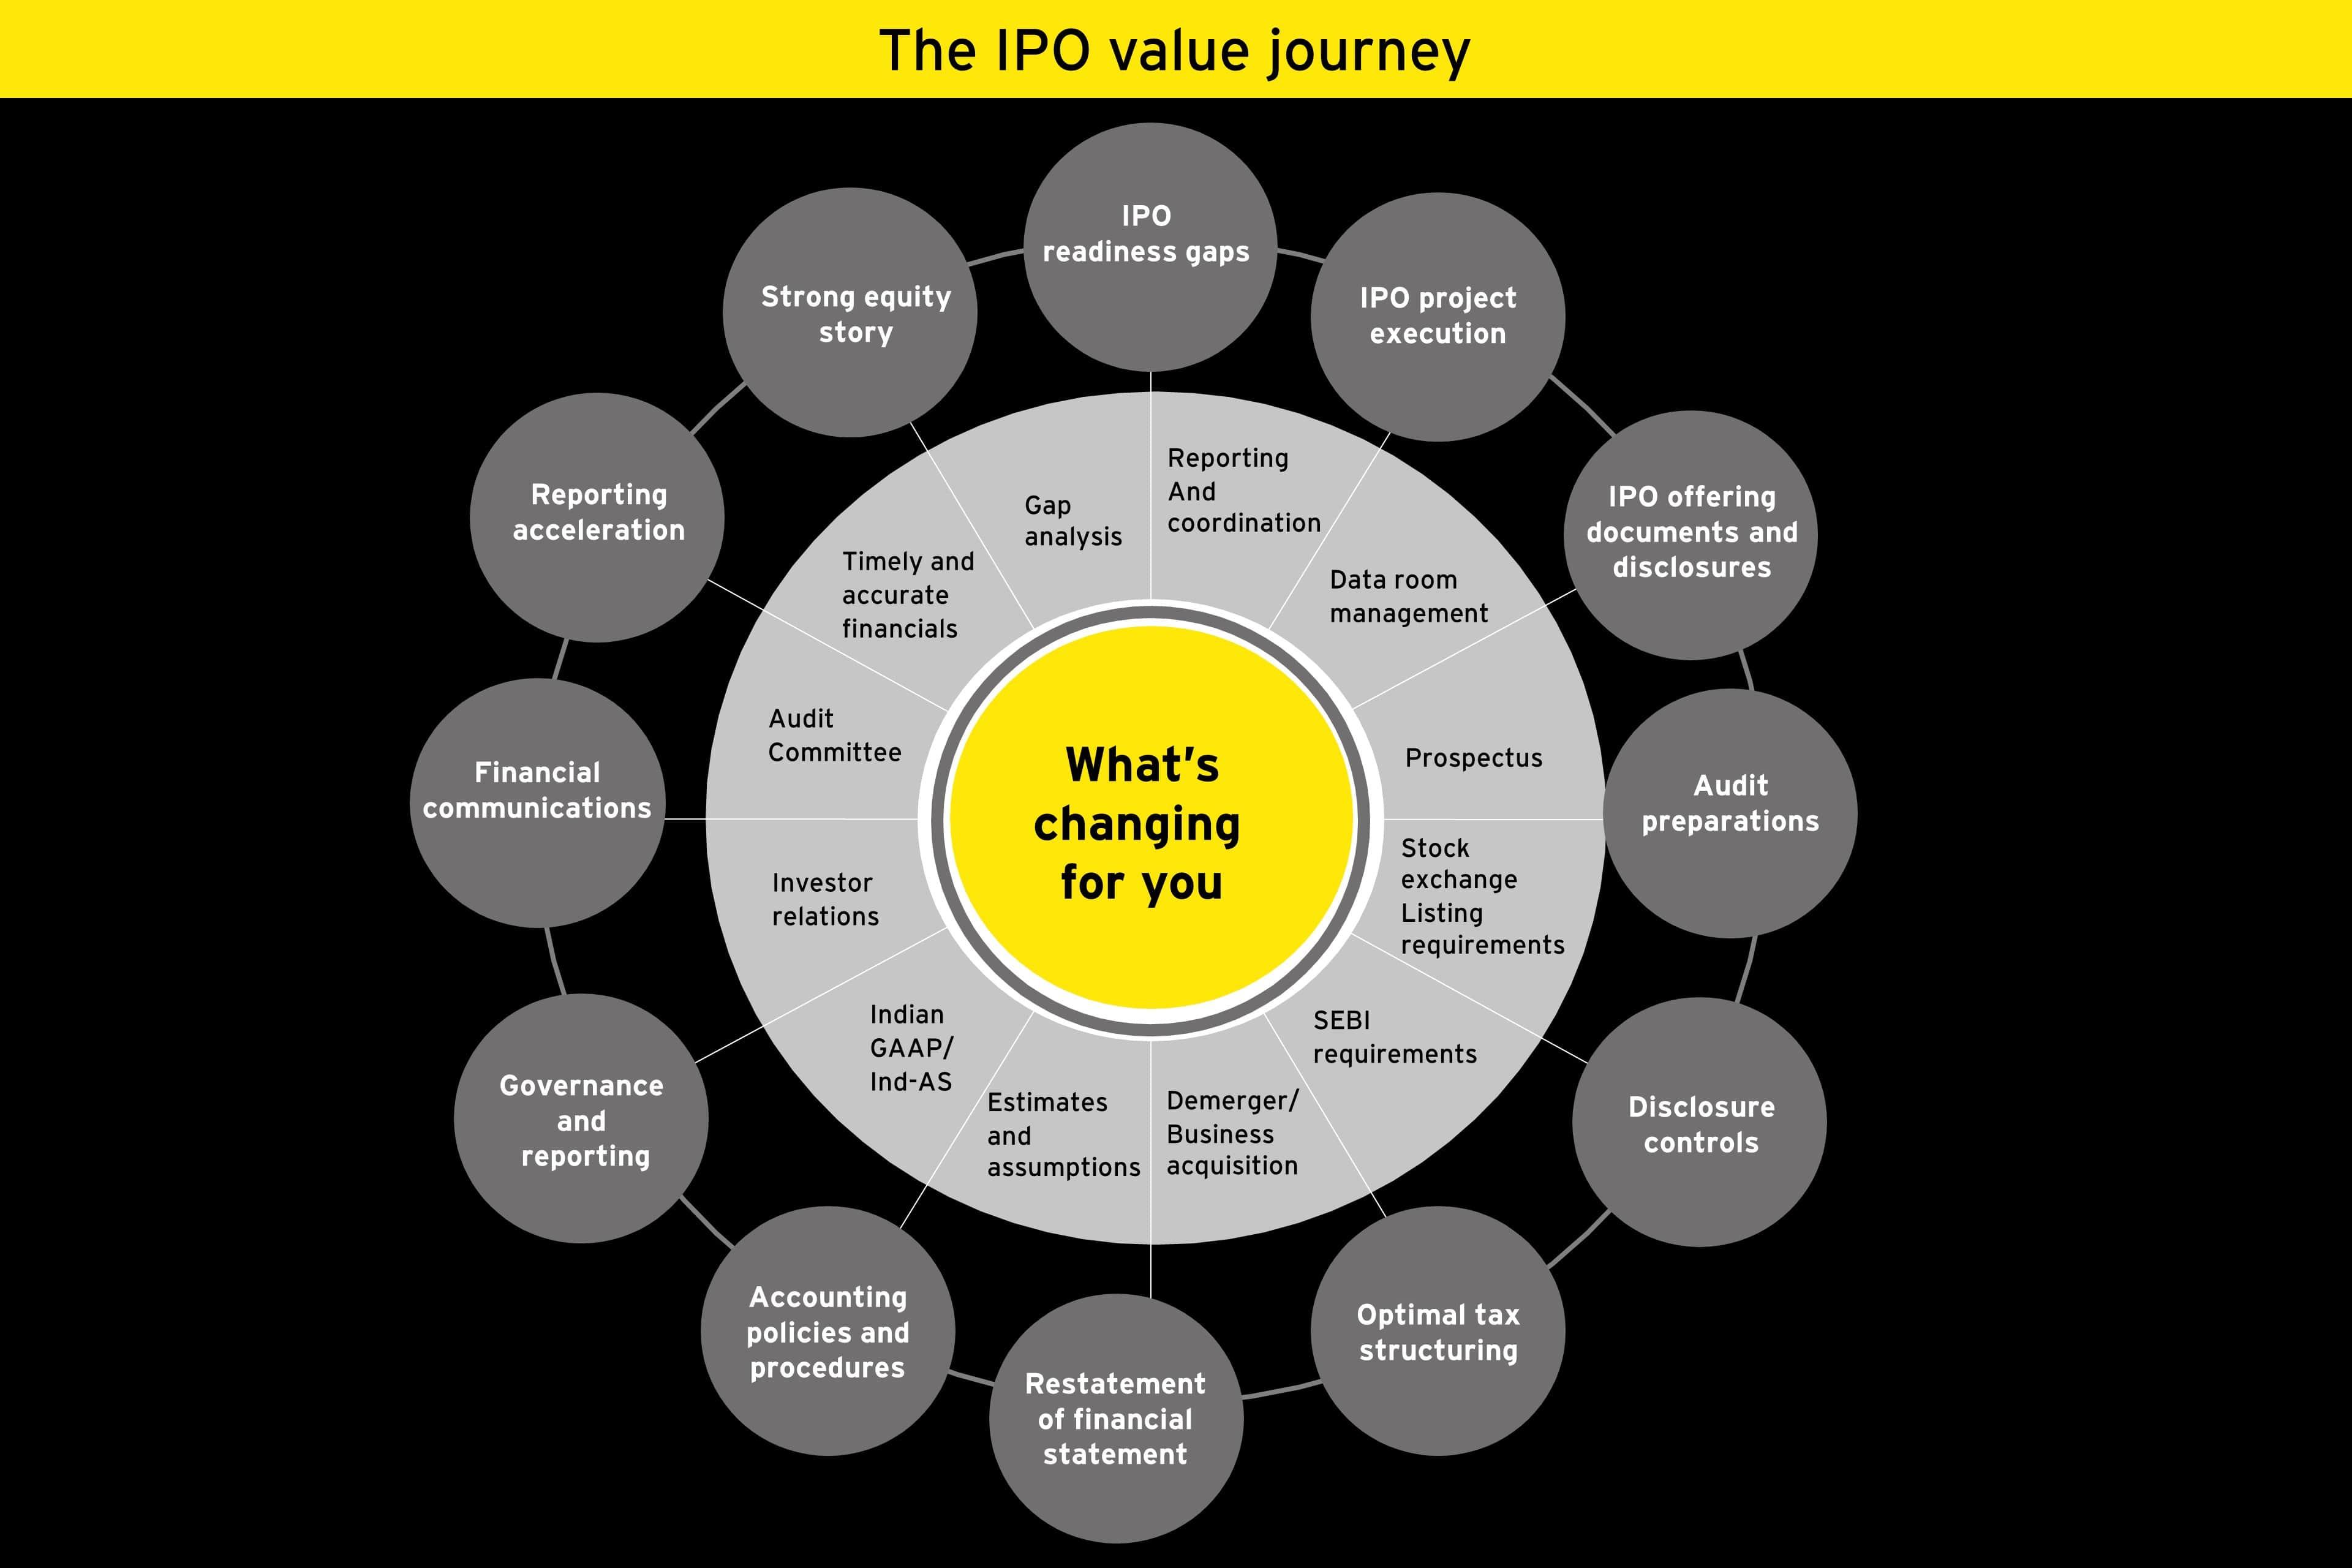 IPO Journey